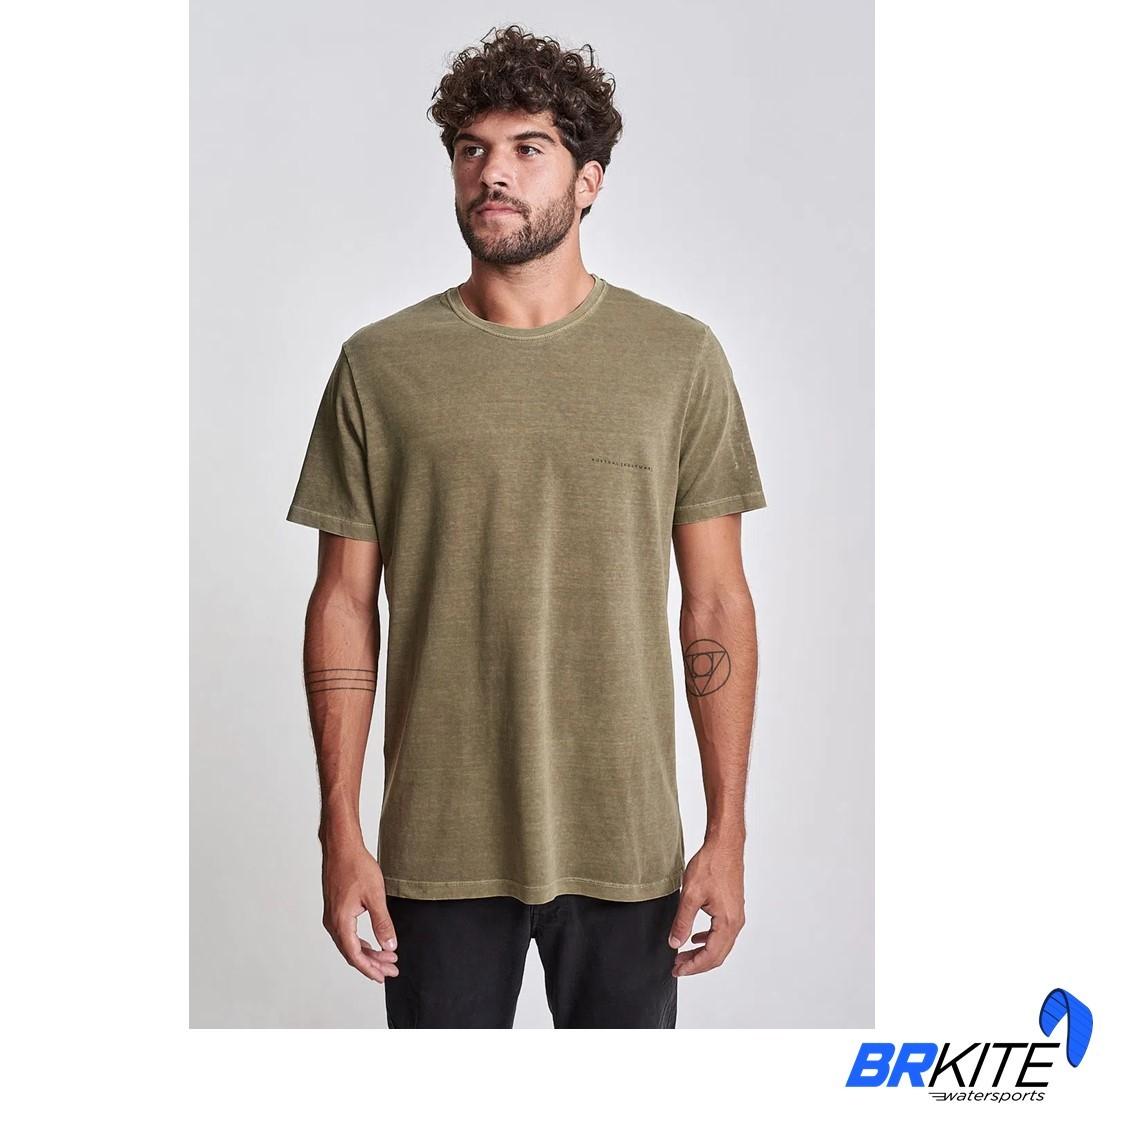 AUSTRAL - Camiseta Ethnic Verde Militar